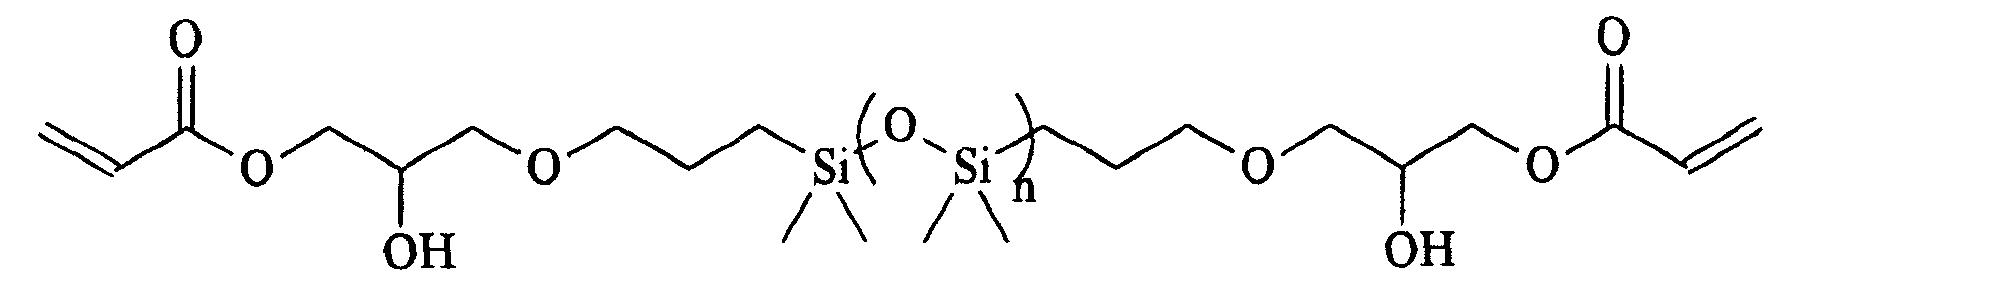 Figure CN101017208BD00143